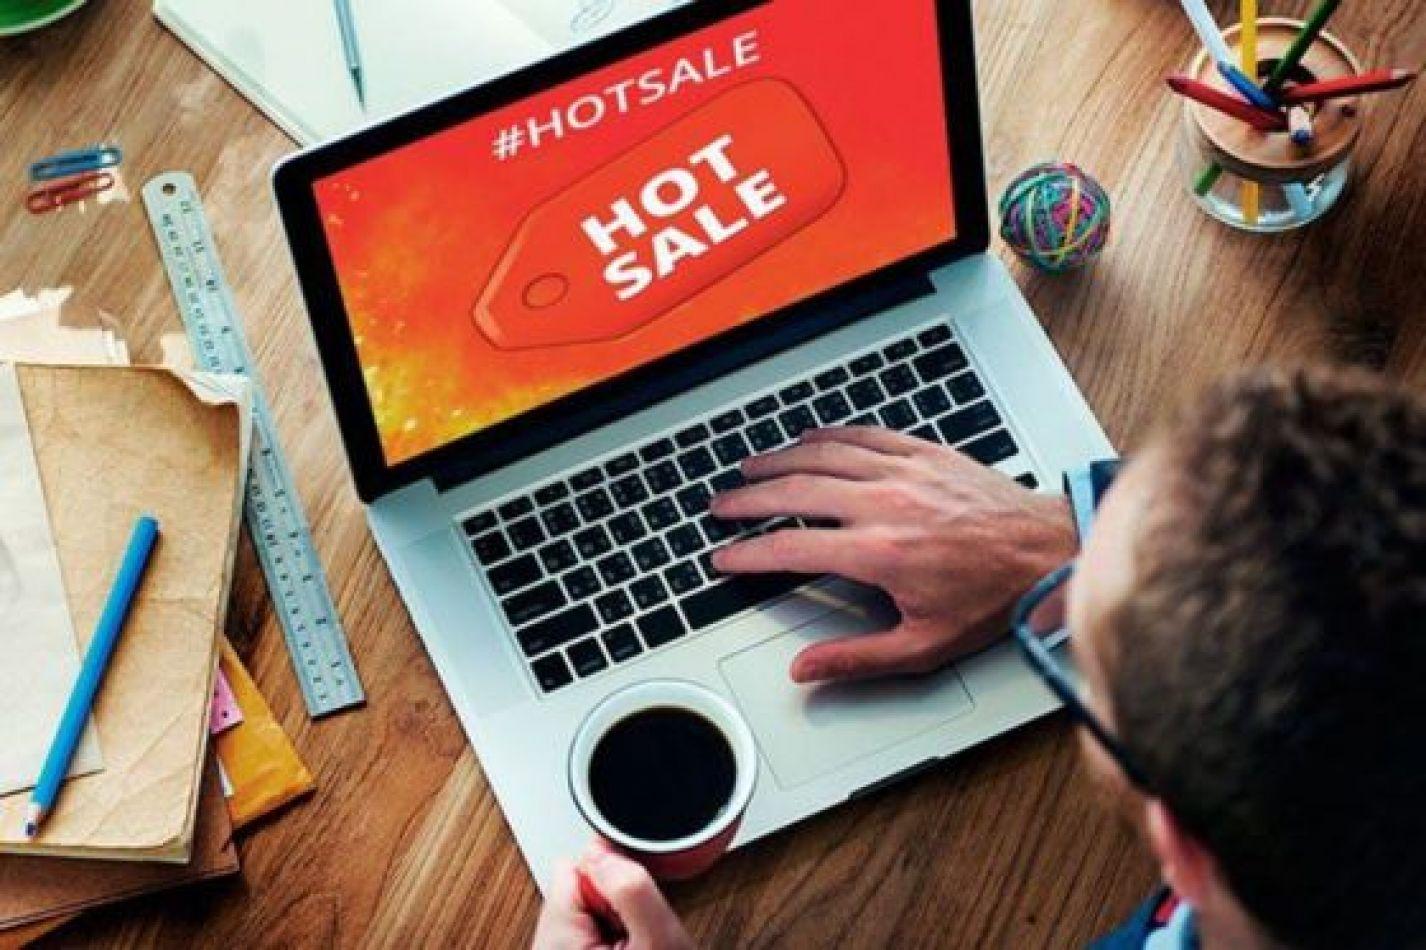 Cómo realizar compras seguras en el Hot Sale